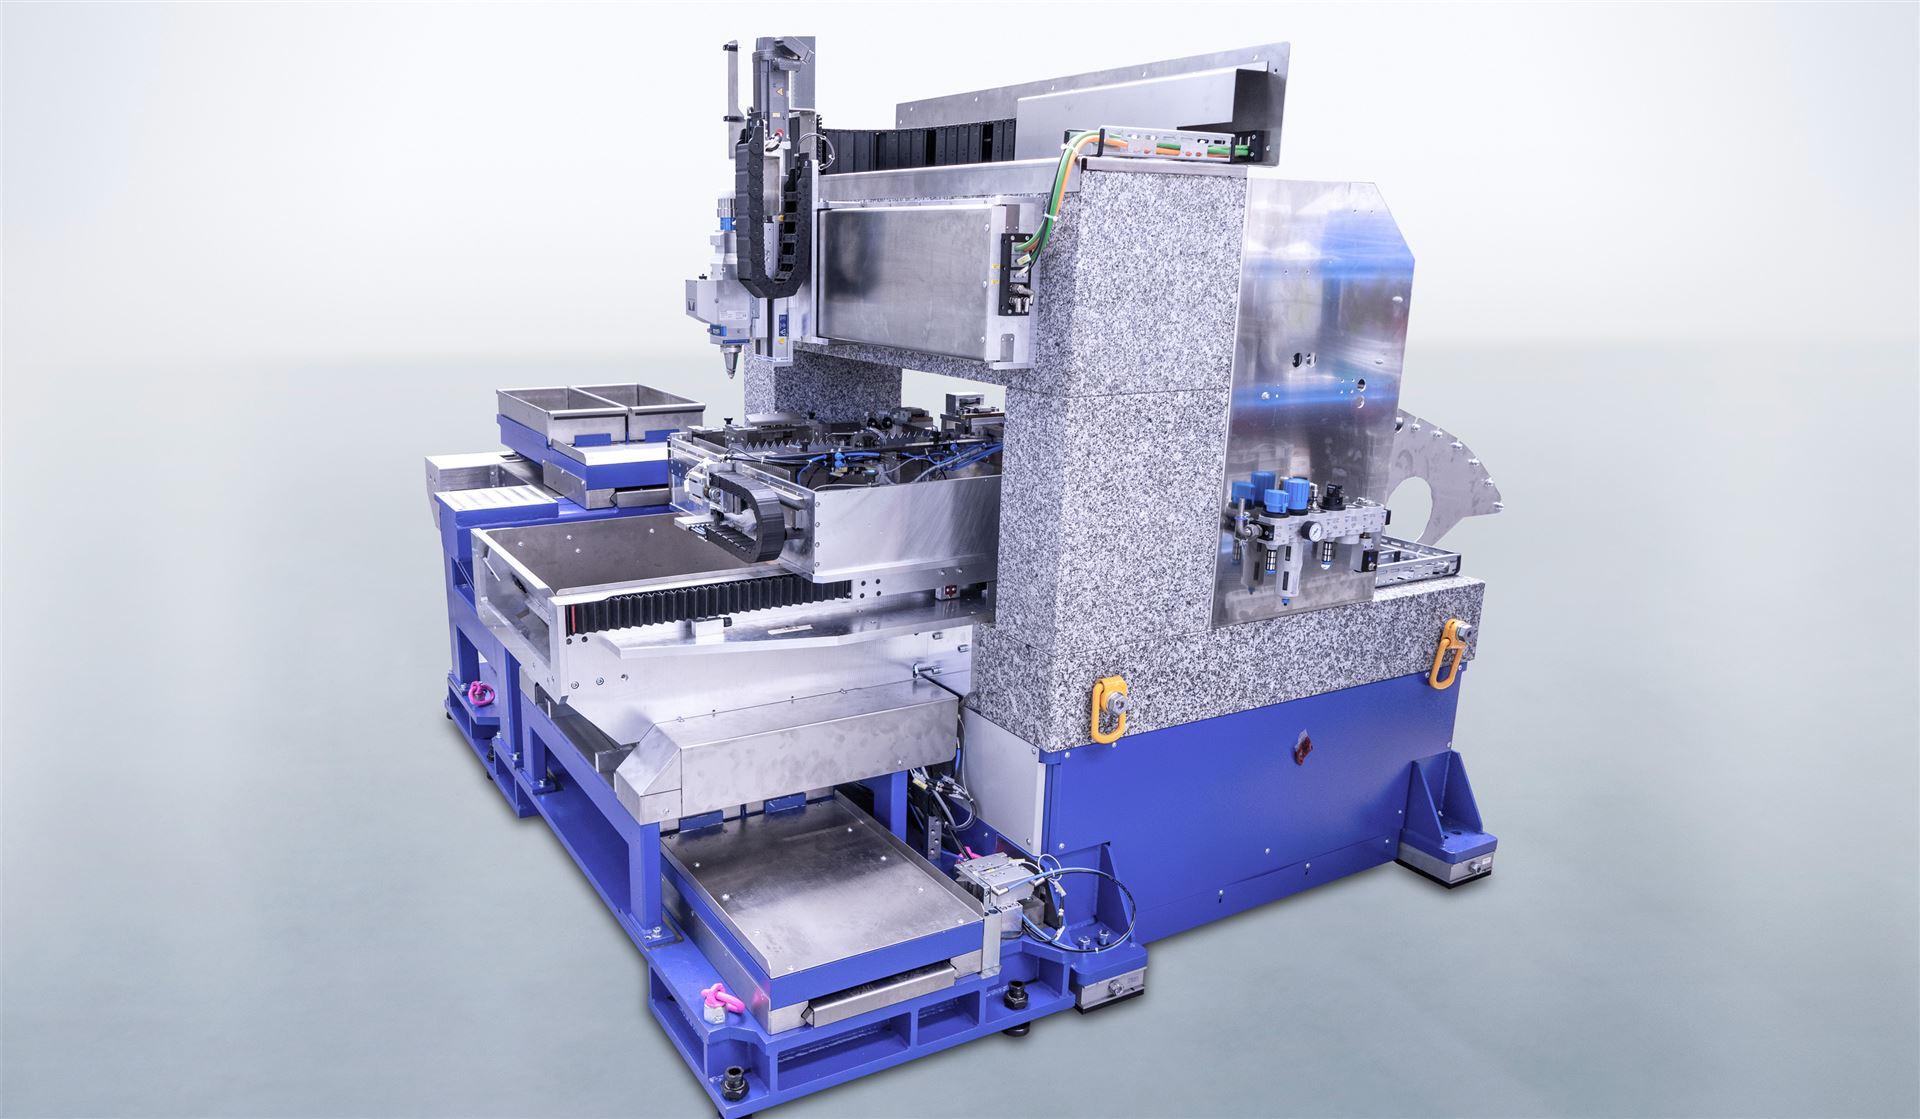 LCC: Laserschneidzelle für hochdynamische 2D- und 2½D-Bearbeitung